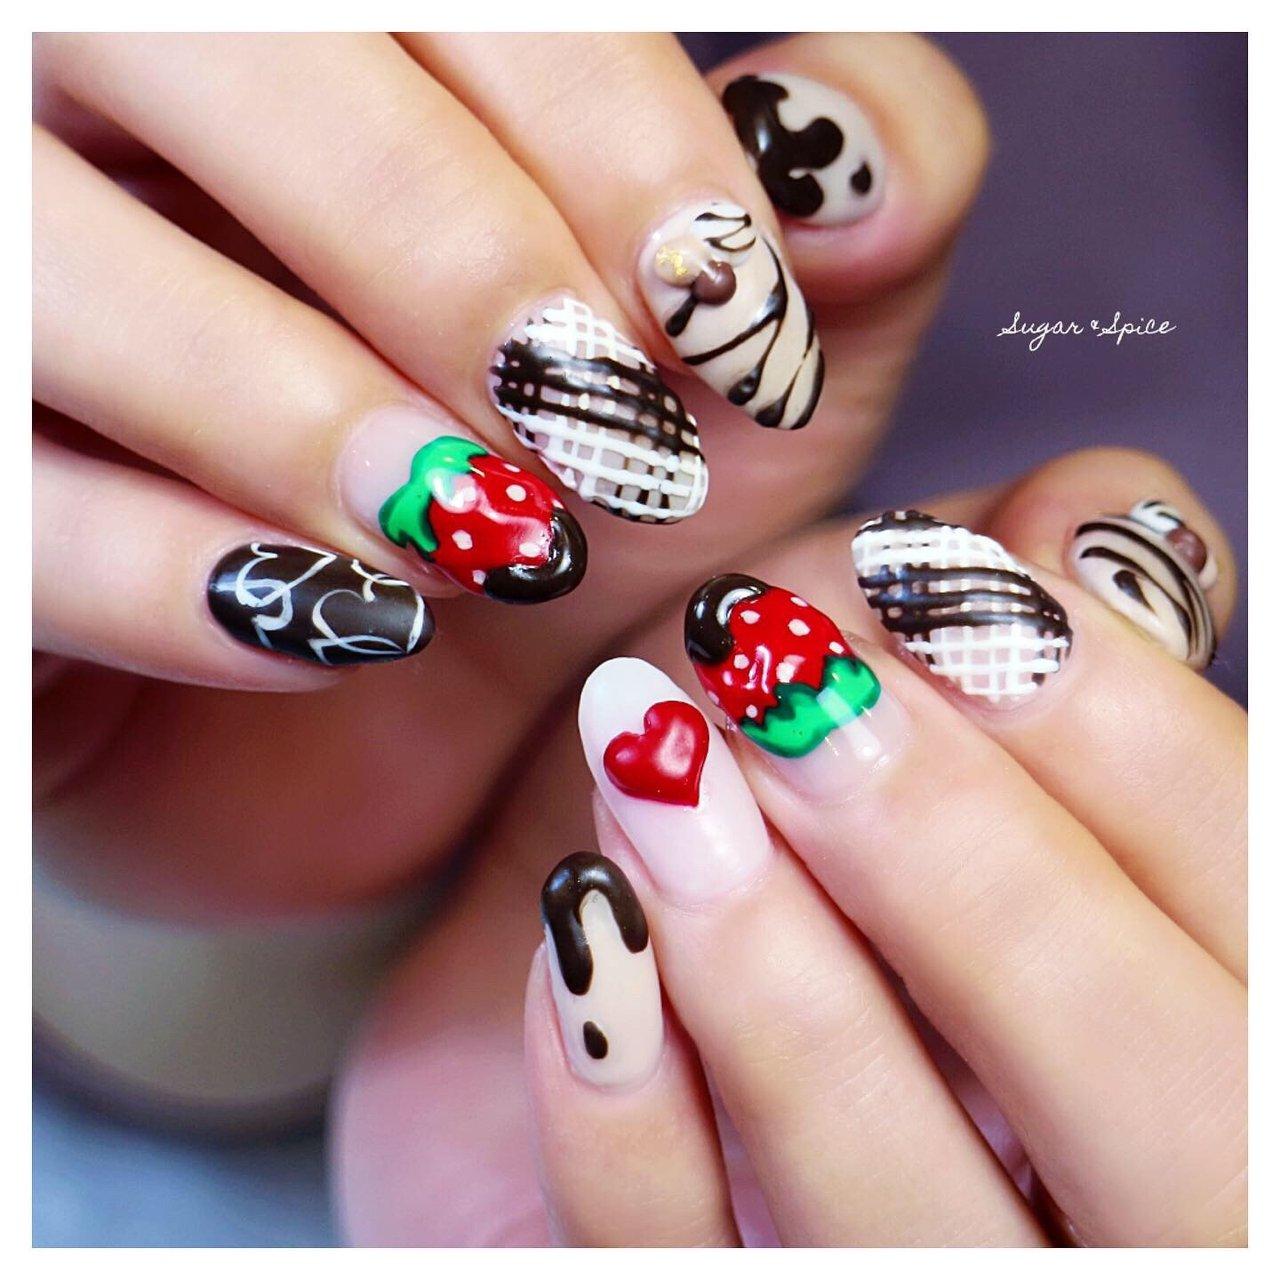 バレンタインネイル チョコレートネイル チョコネイル いちごネイル #冬 #バレンタイン #オフィス #デート #ハンド #ハート #3D #スイーツ #フルーツ #ホワイト #レッド #ブラウン #ジェル #お客様 #sugar_spice_k #ネイルブック